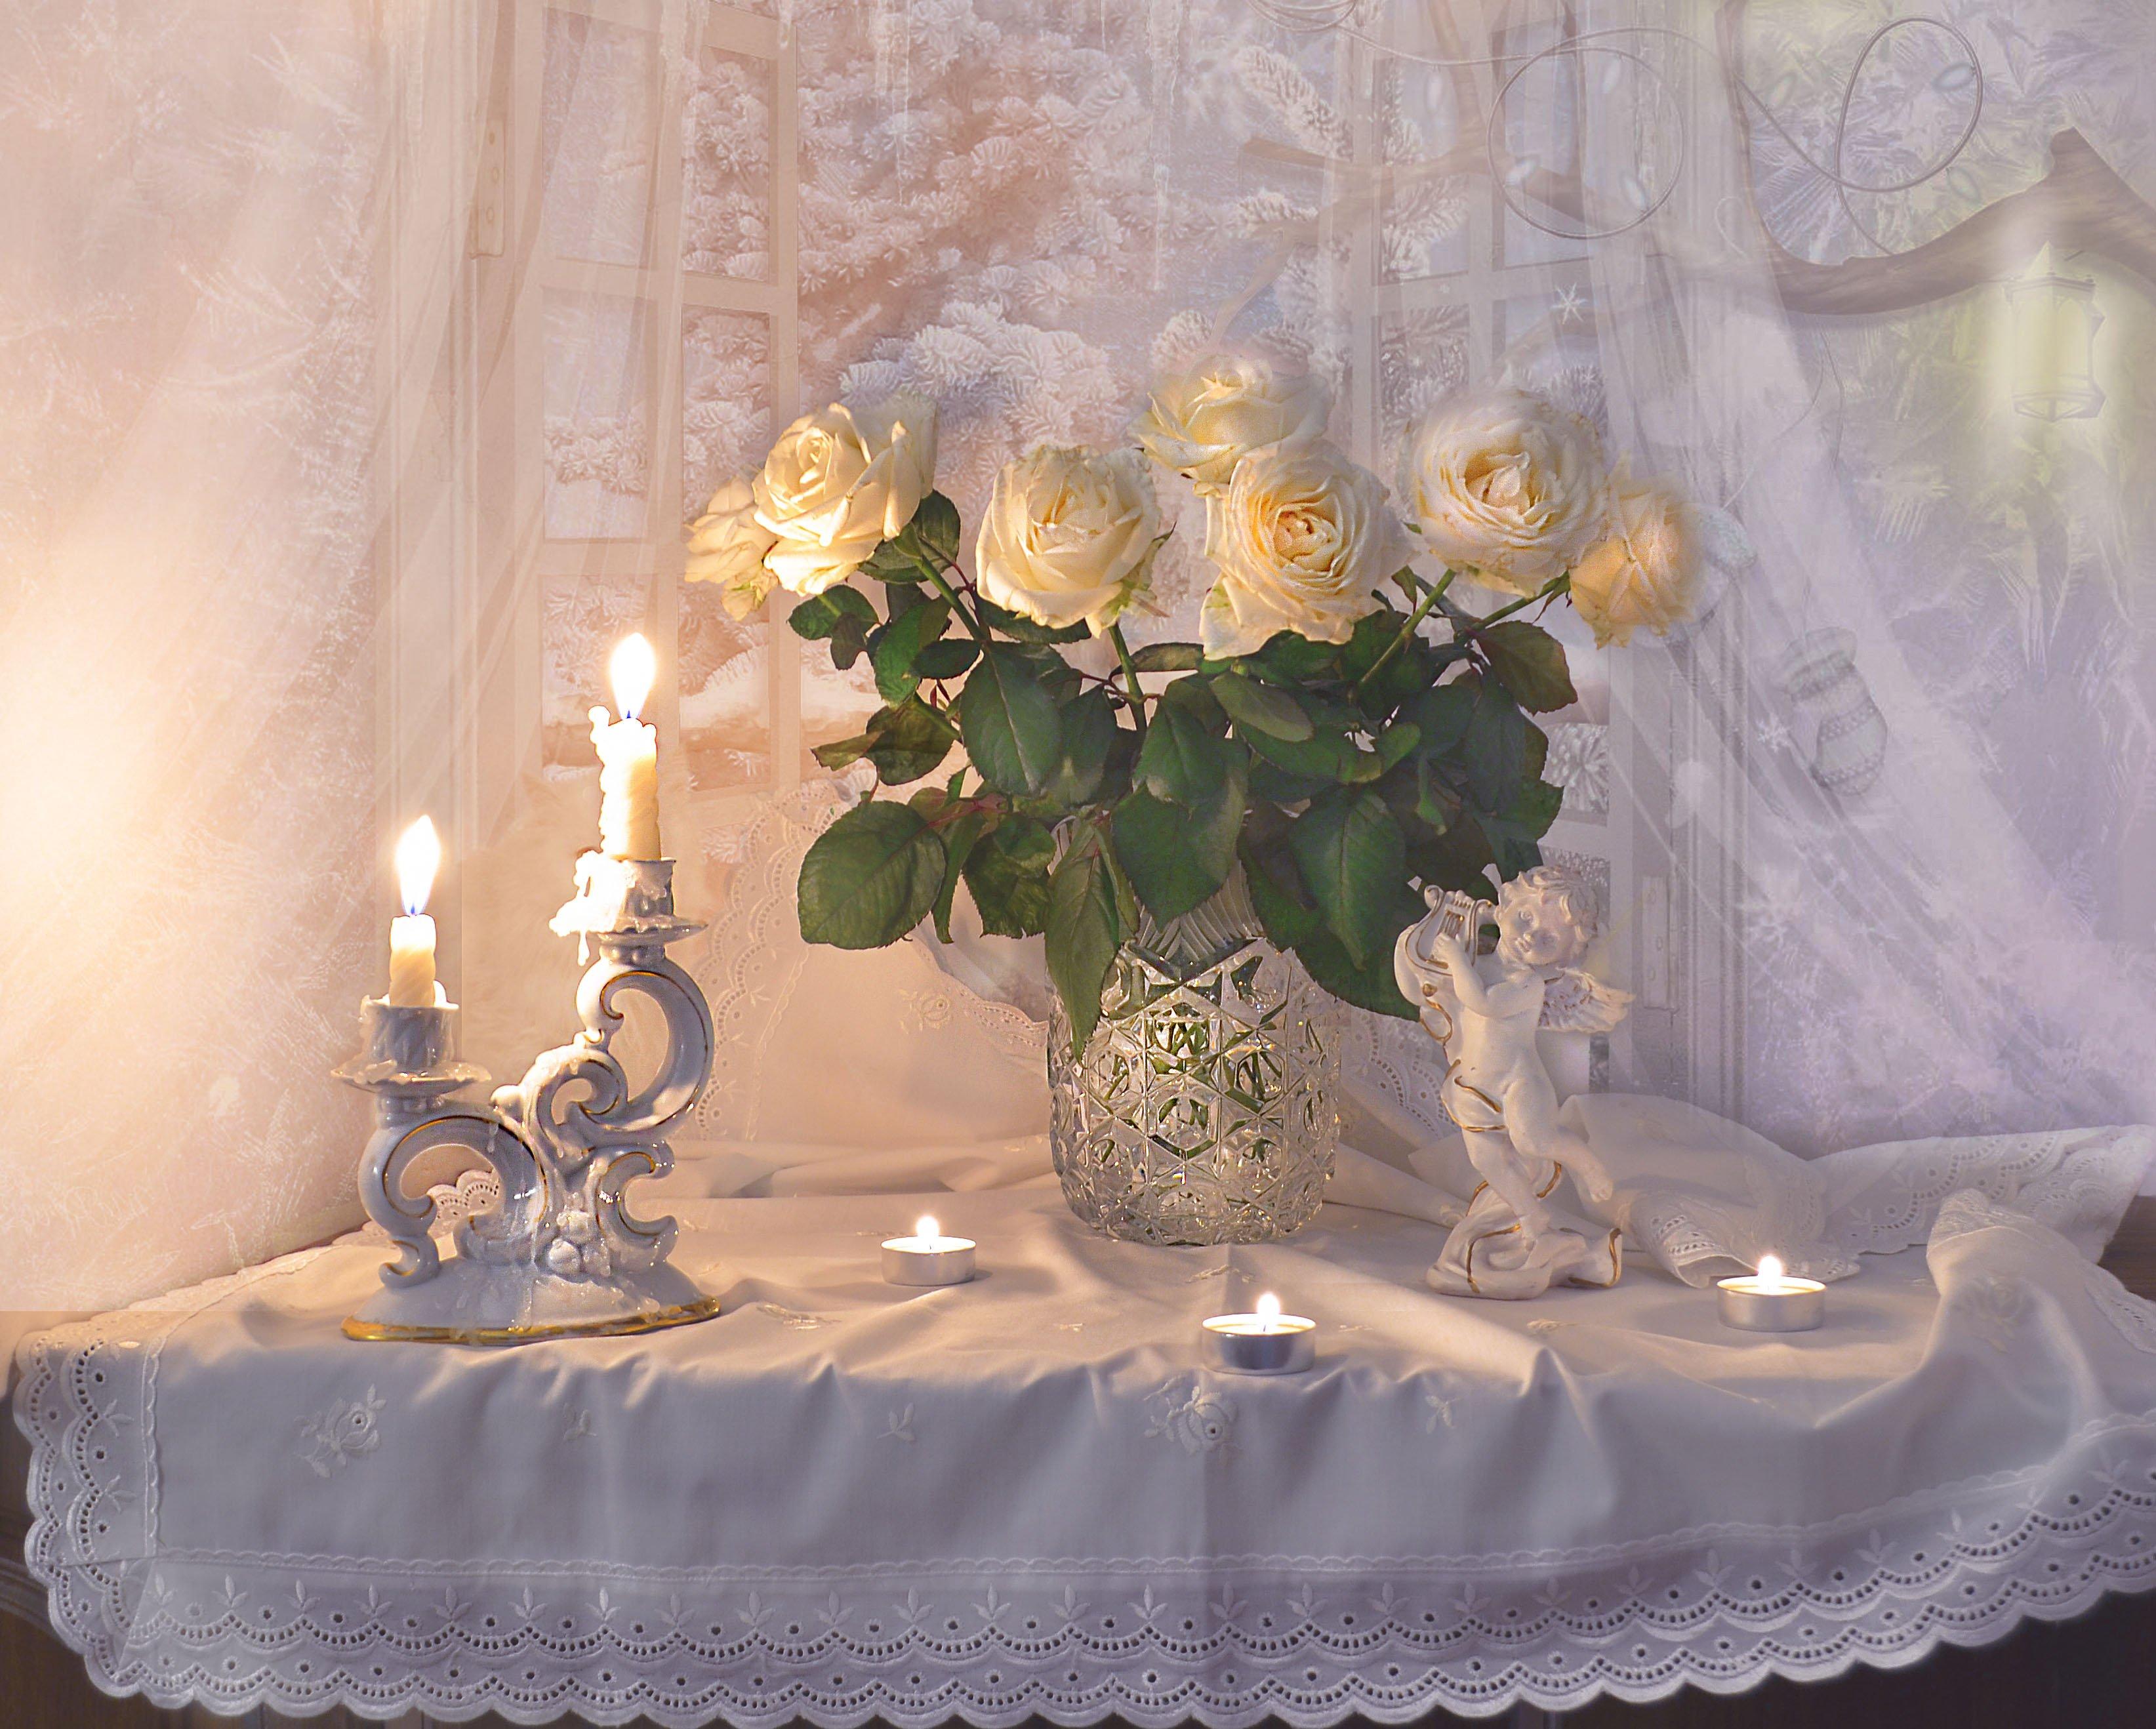 январь, цветы, фото натюрморт, фарфор, татьянин день, розы, поздравление, натюрморт, настроение, морозное стекло, зима, still life, Колова Валентина